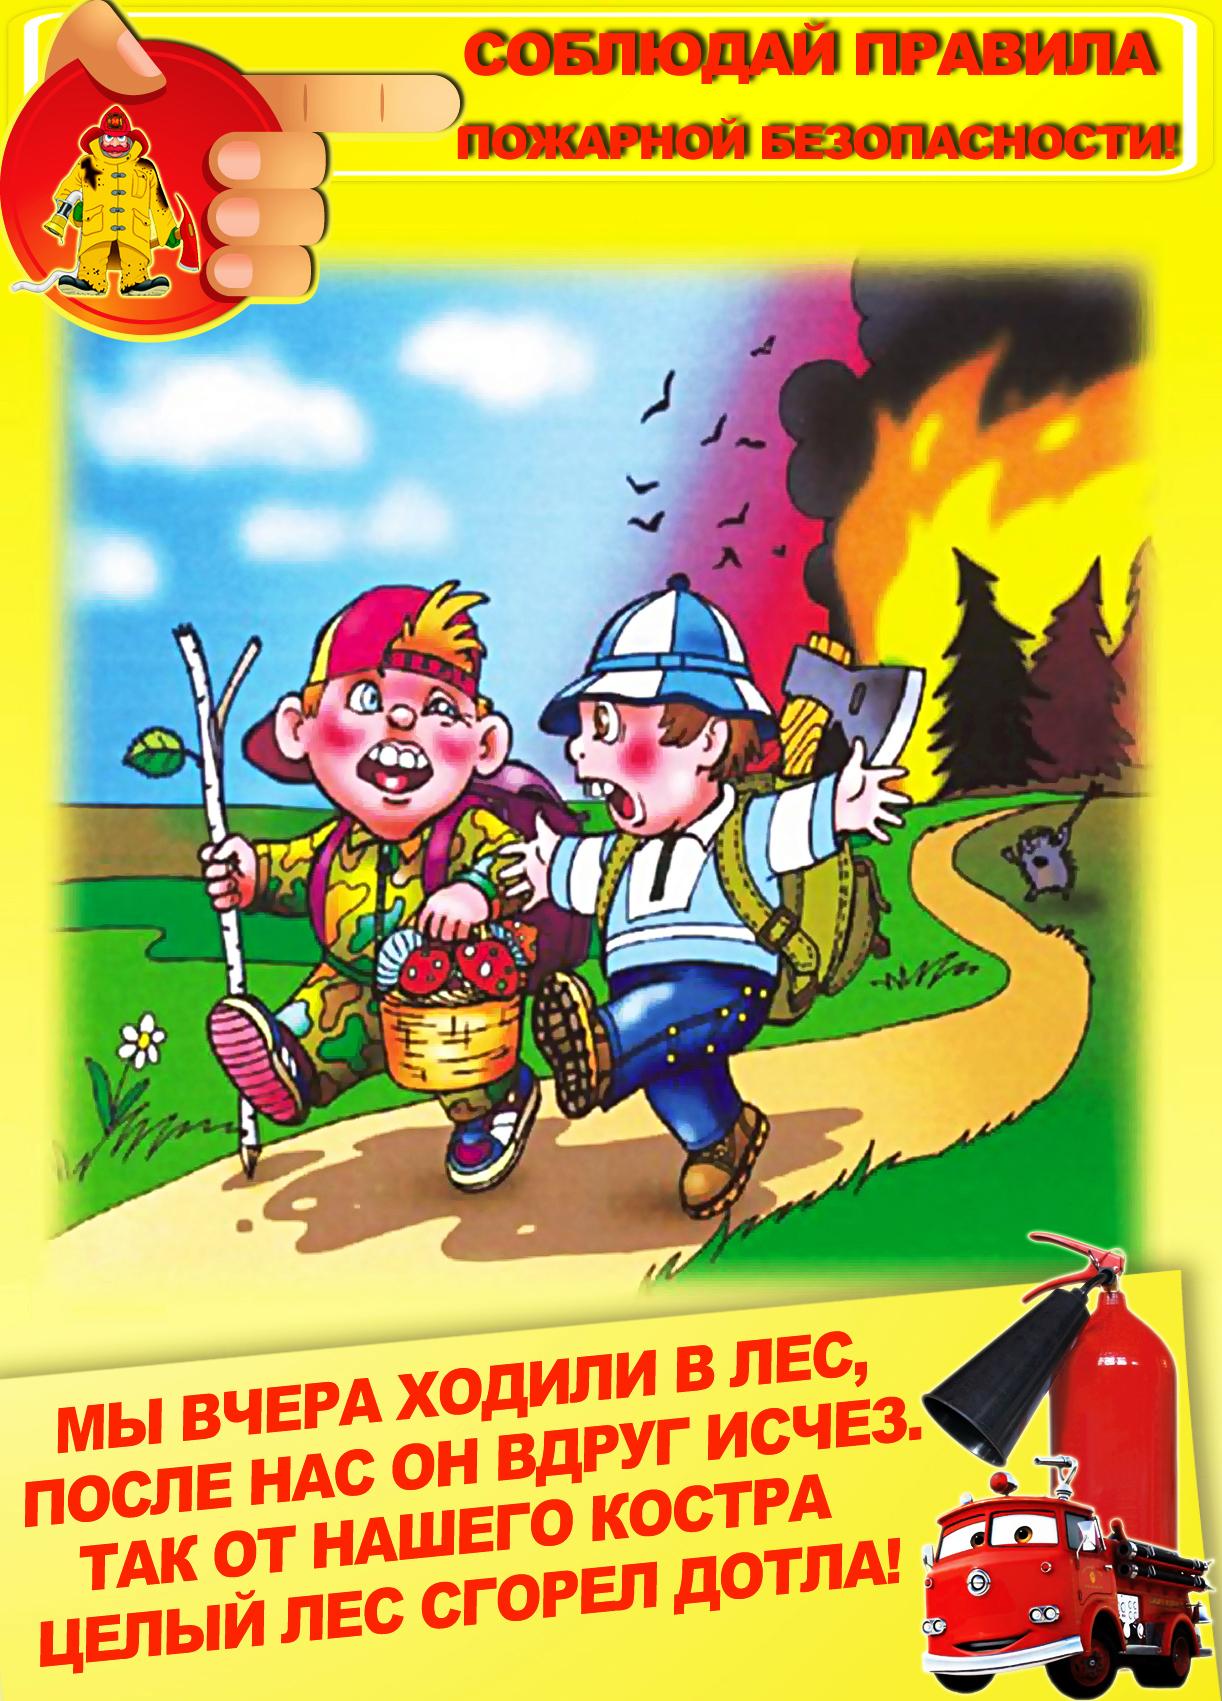 Пожарная безопасность для детей в лесу